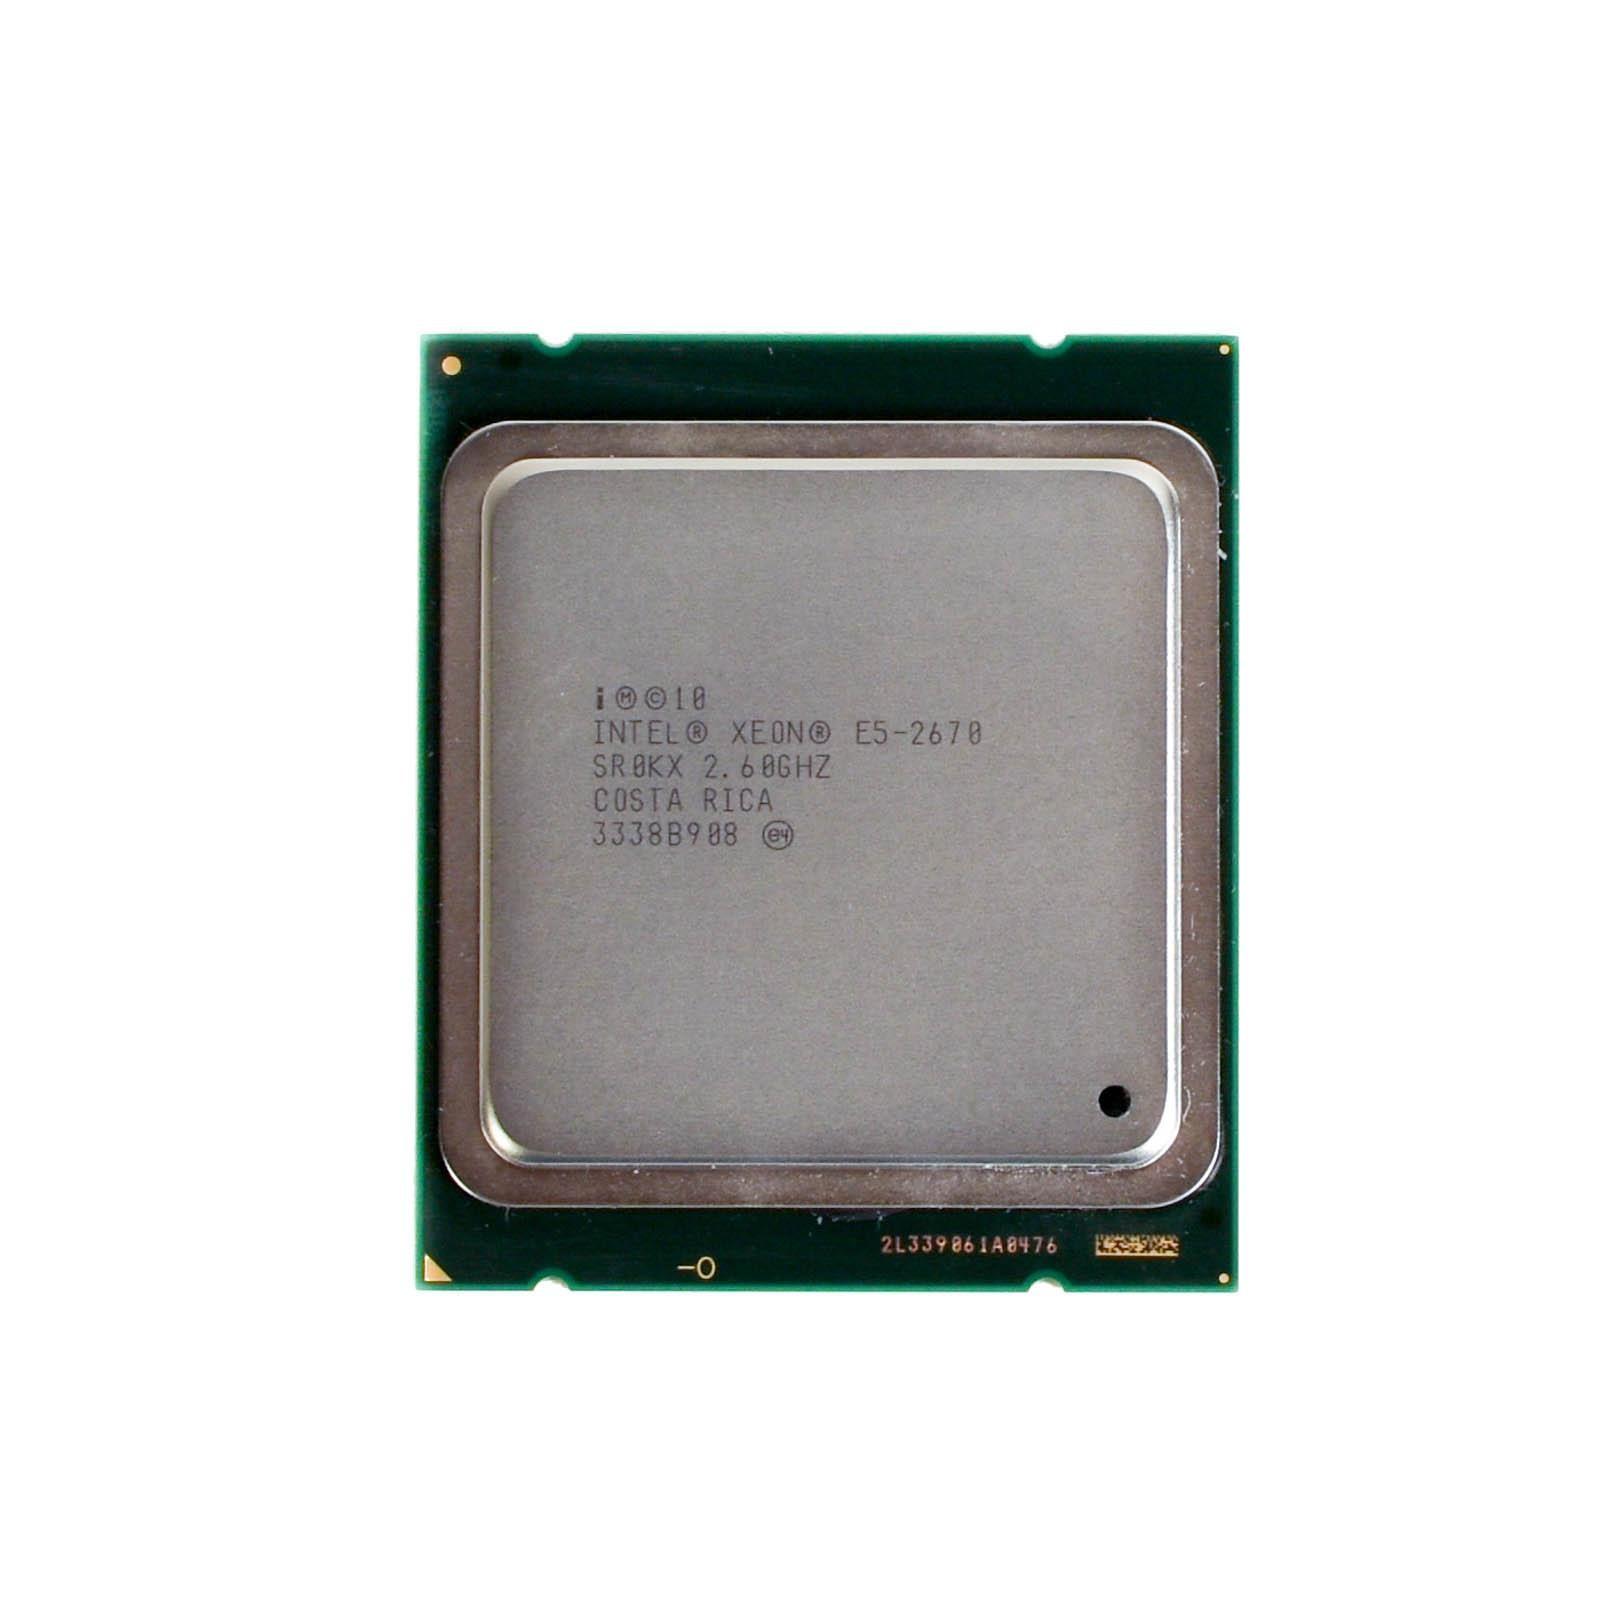 CM8062101082713 INTEL XEON E5-2670 8 CORE 2.60GHz 20M 8GT//s 115W PROCESSOR